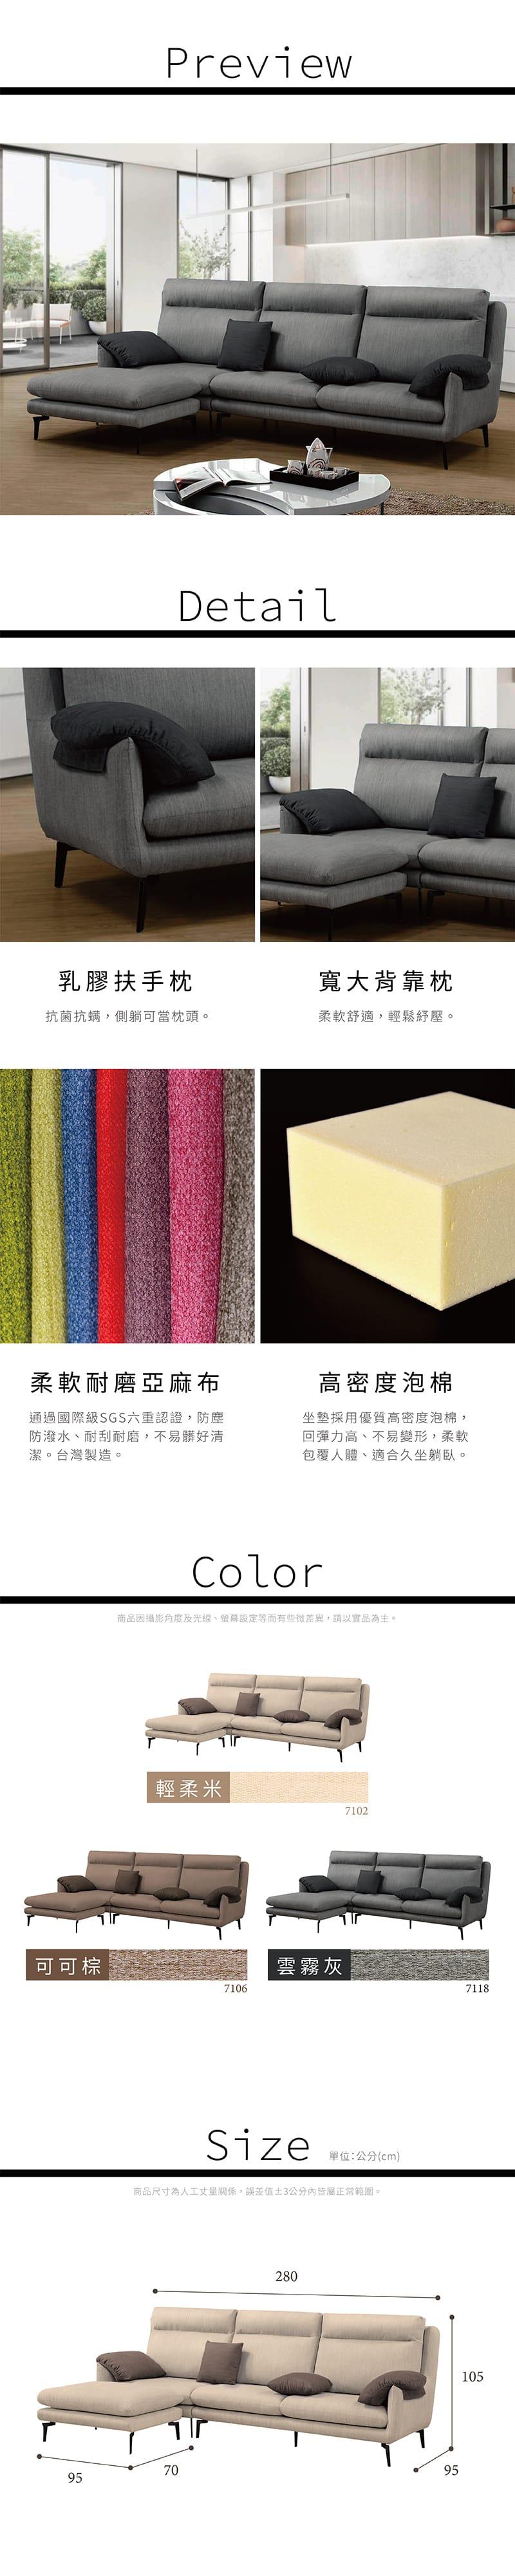 乳膠墊布L型沙發(3色可選)【萊茵】